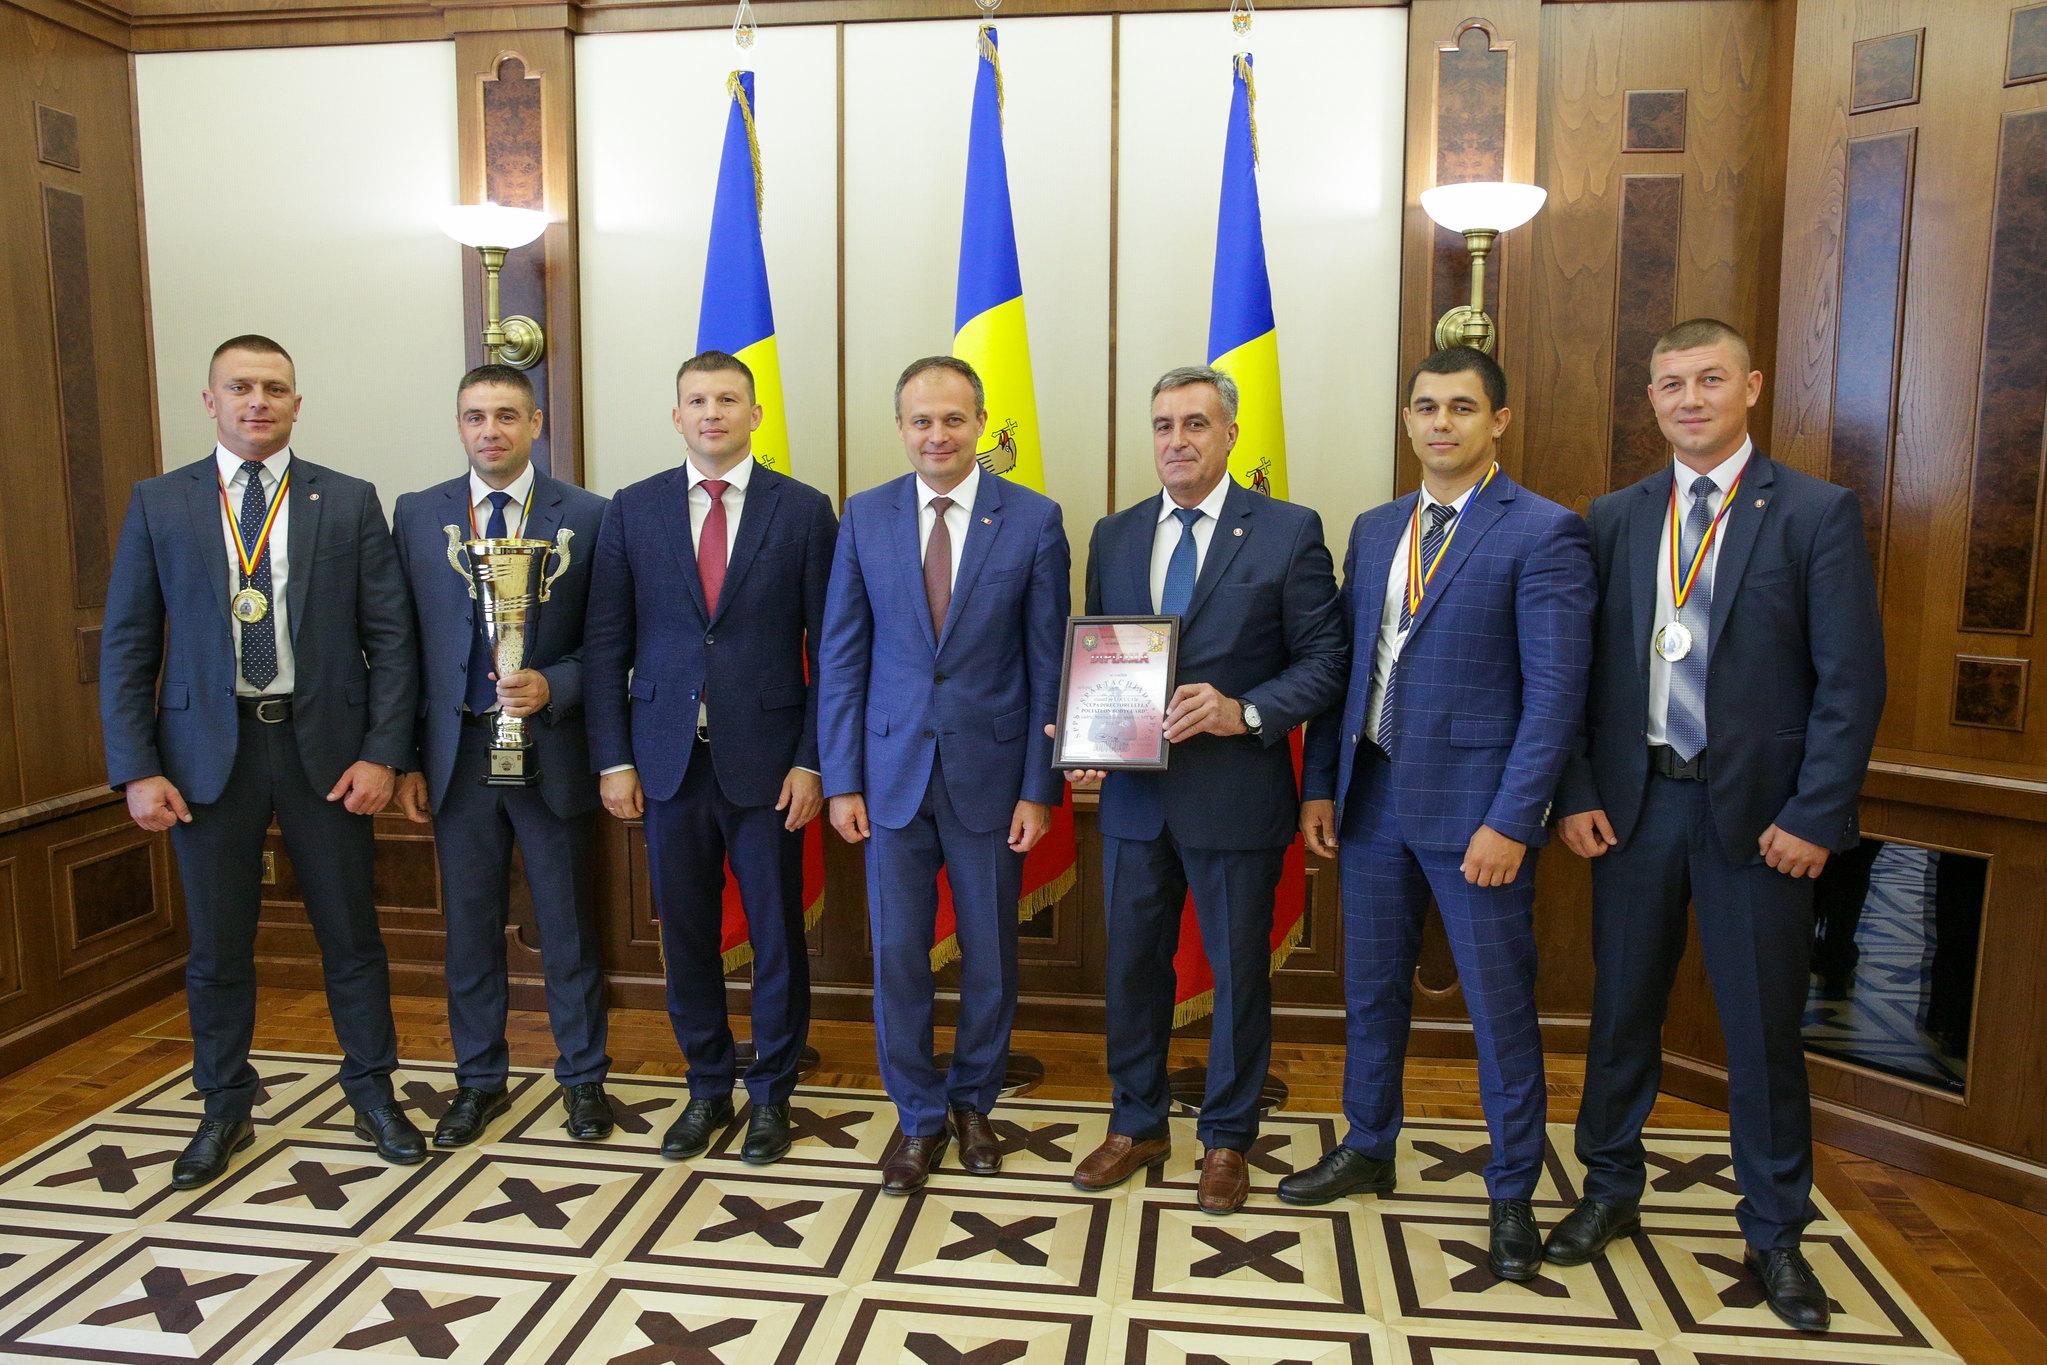 07.08.2018 Președintele Andrian Candu a înmânat diplome ofiţerilor SPPS.